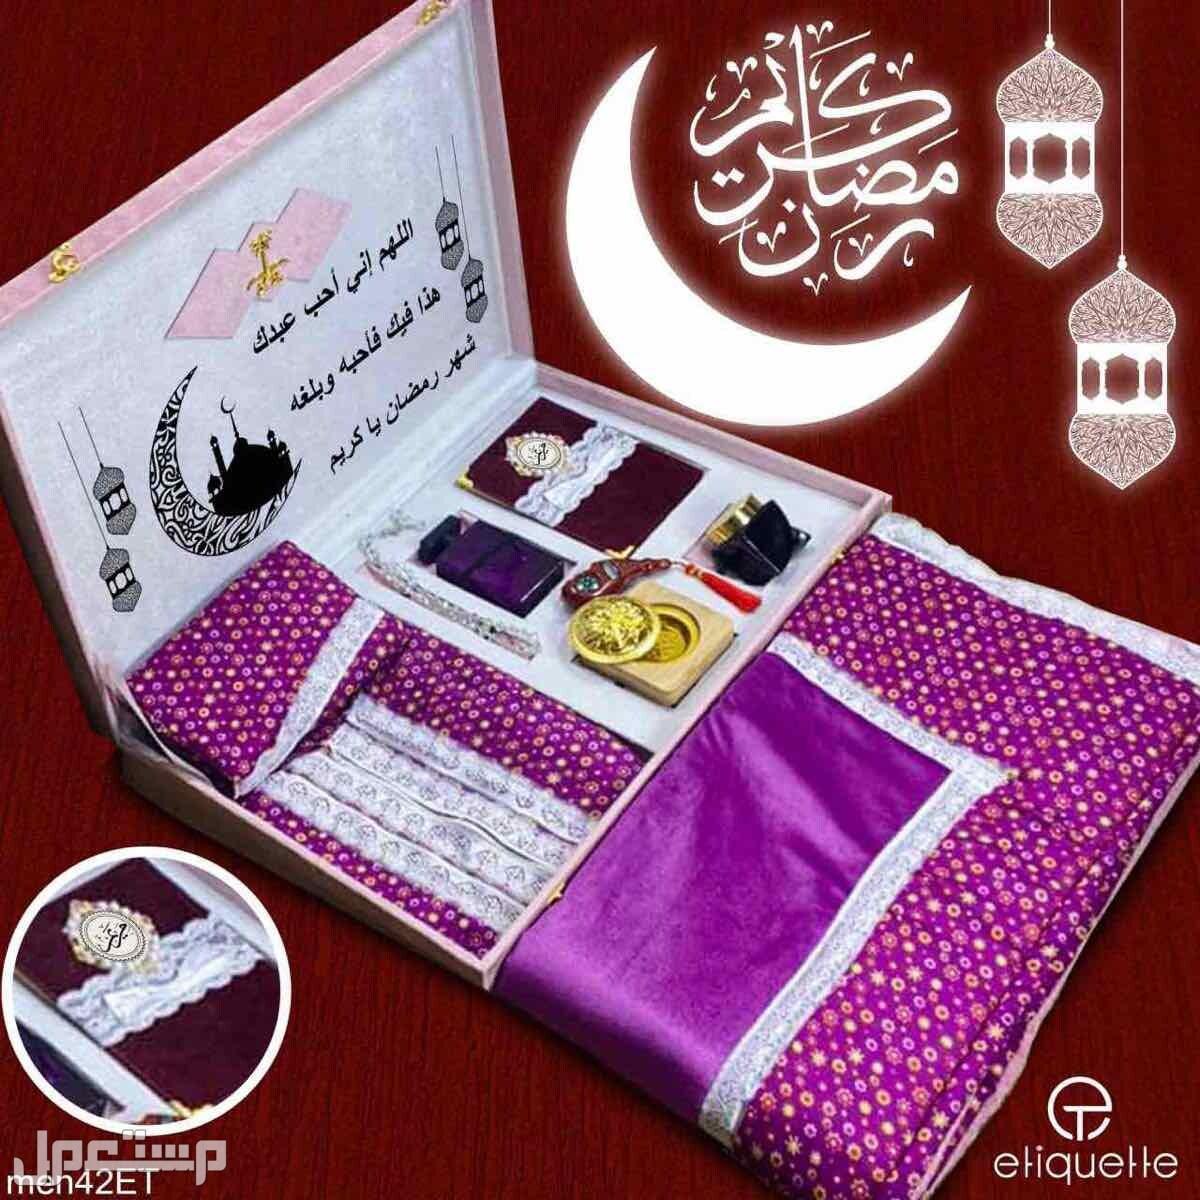 بوكس هدايا رمضاني نسائي سجاده شرشف صلاه المصحف الشريف مبخره عطر تصميم بطلب